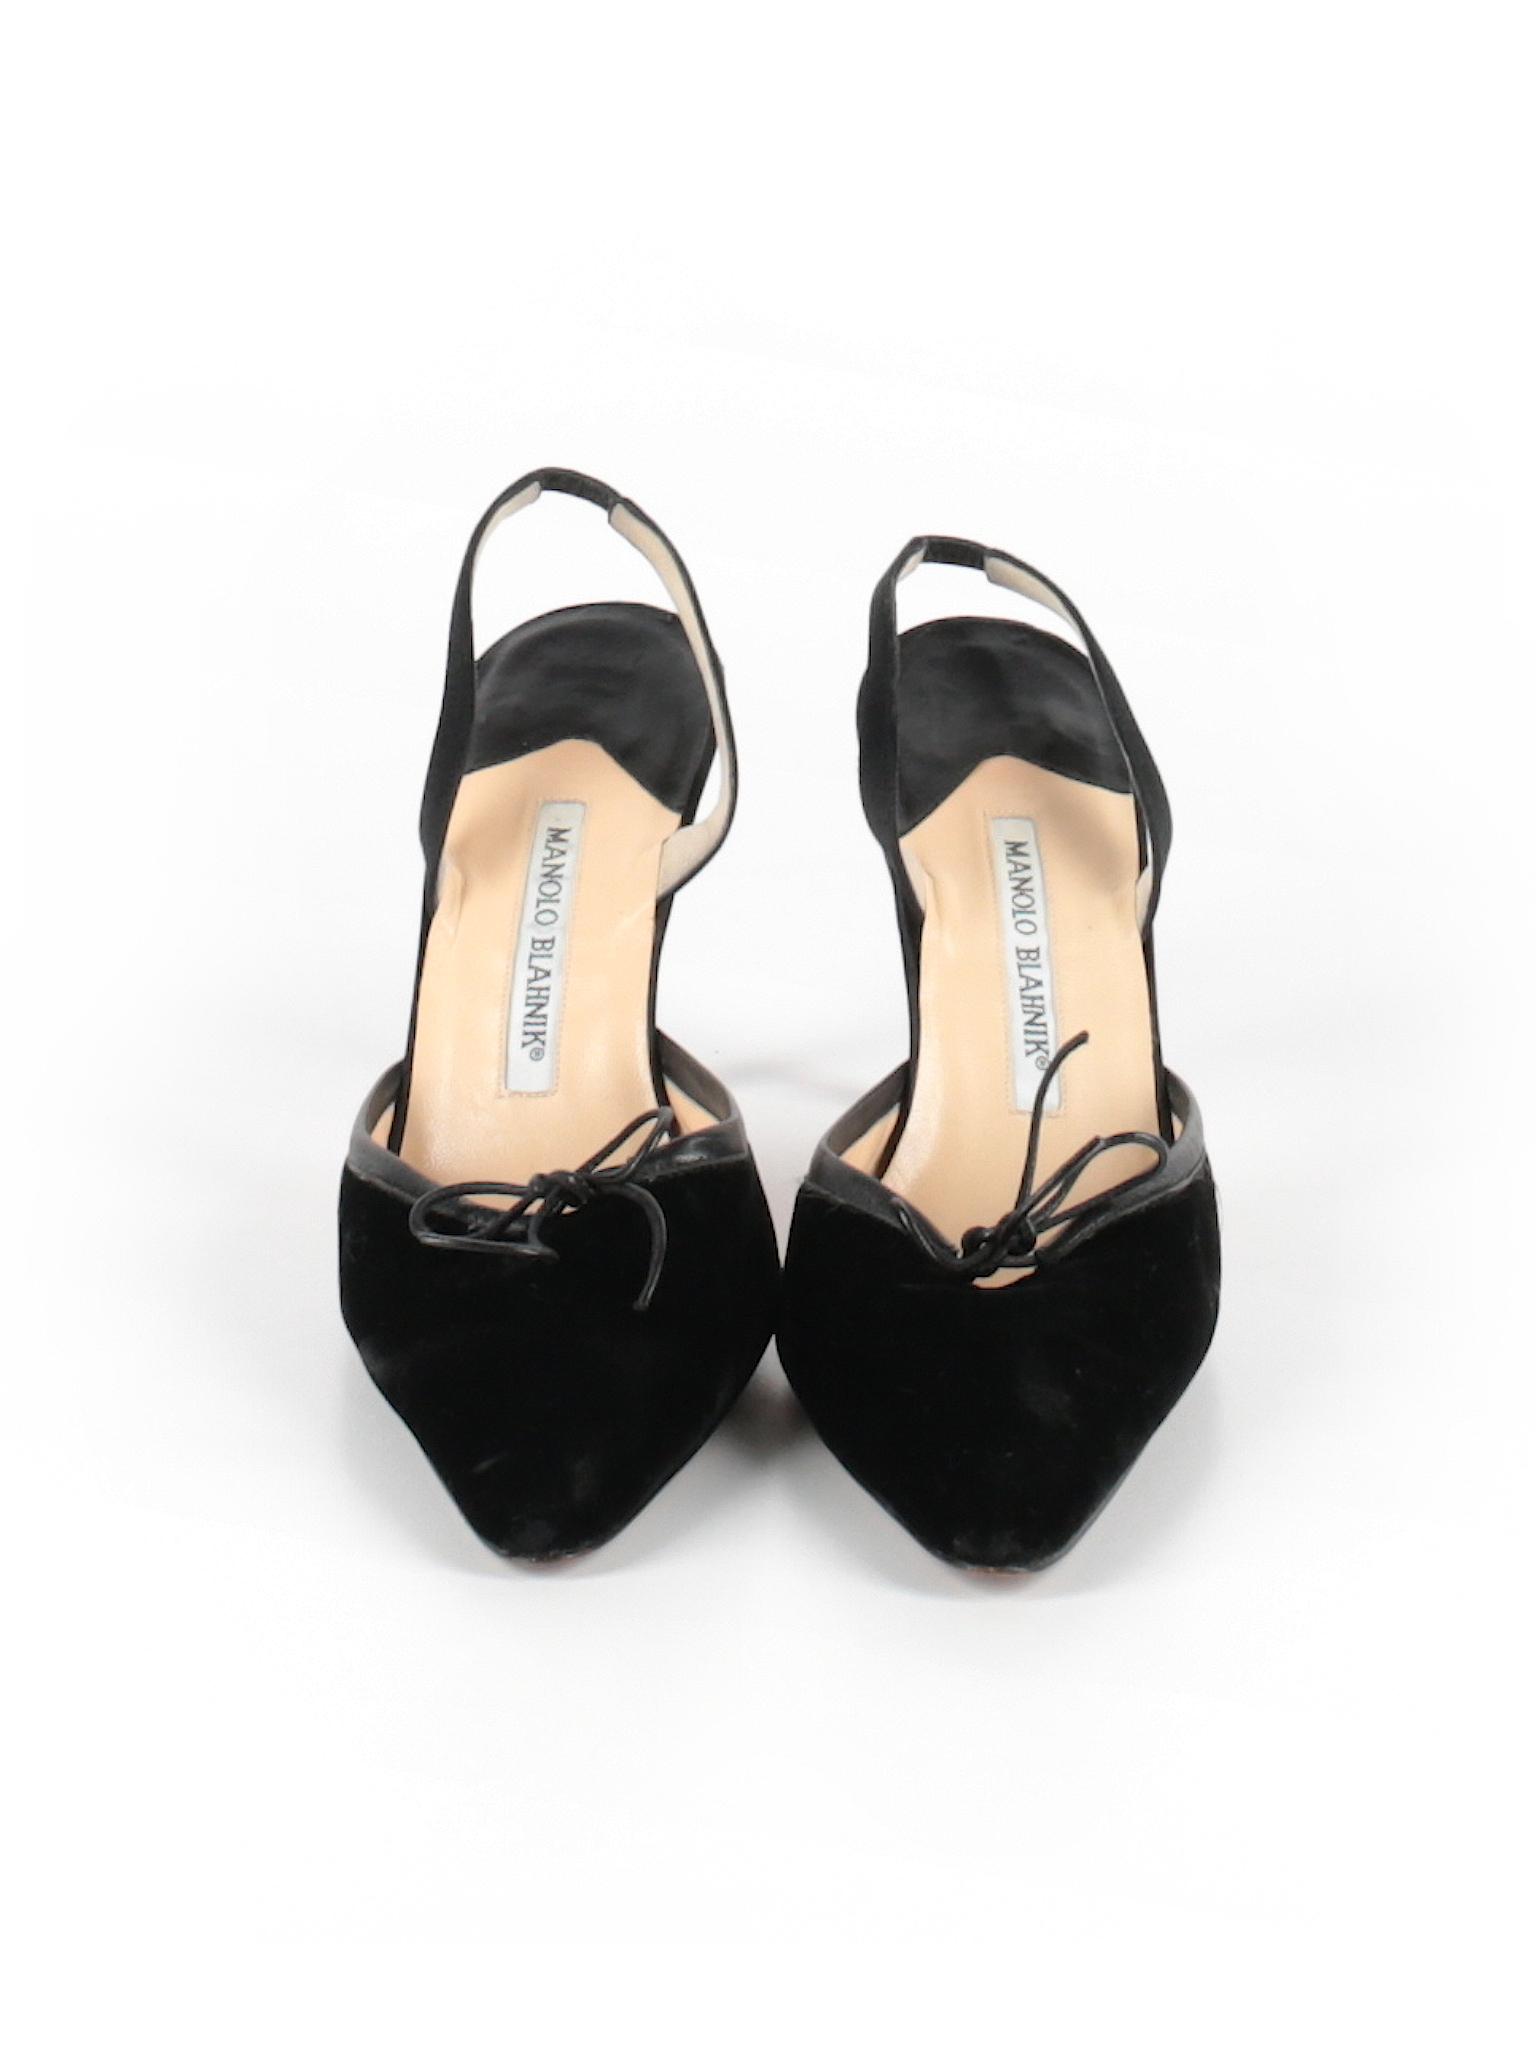 promotion Heels Boutique Boutique Manolo promotion Blahnik w0nUExTqx8